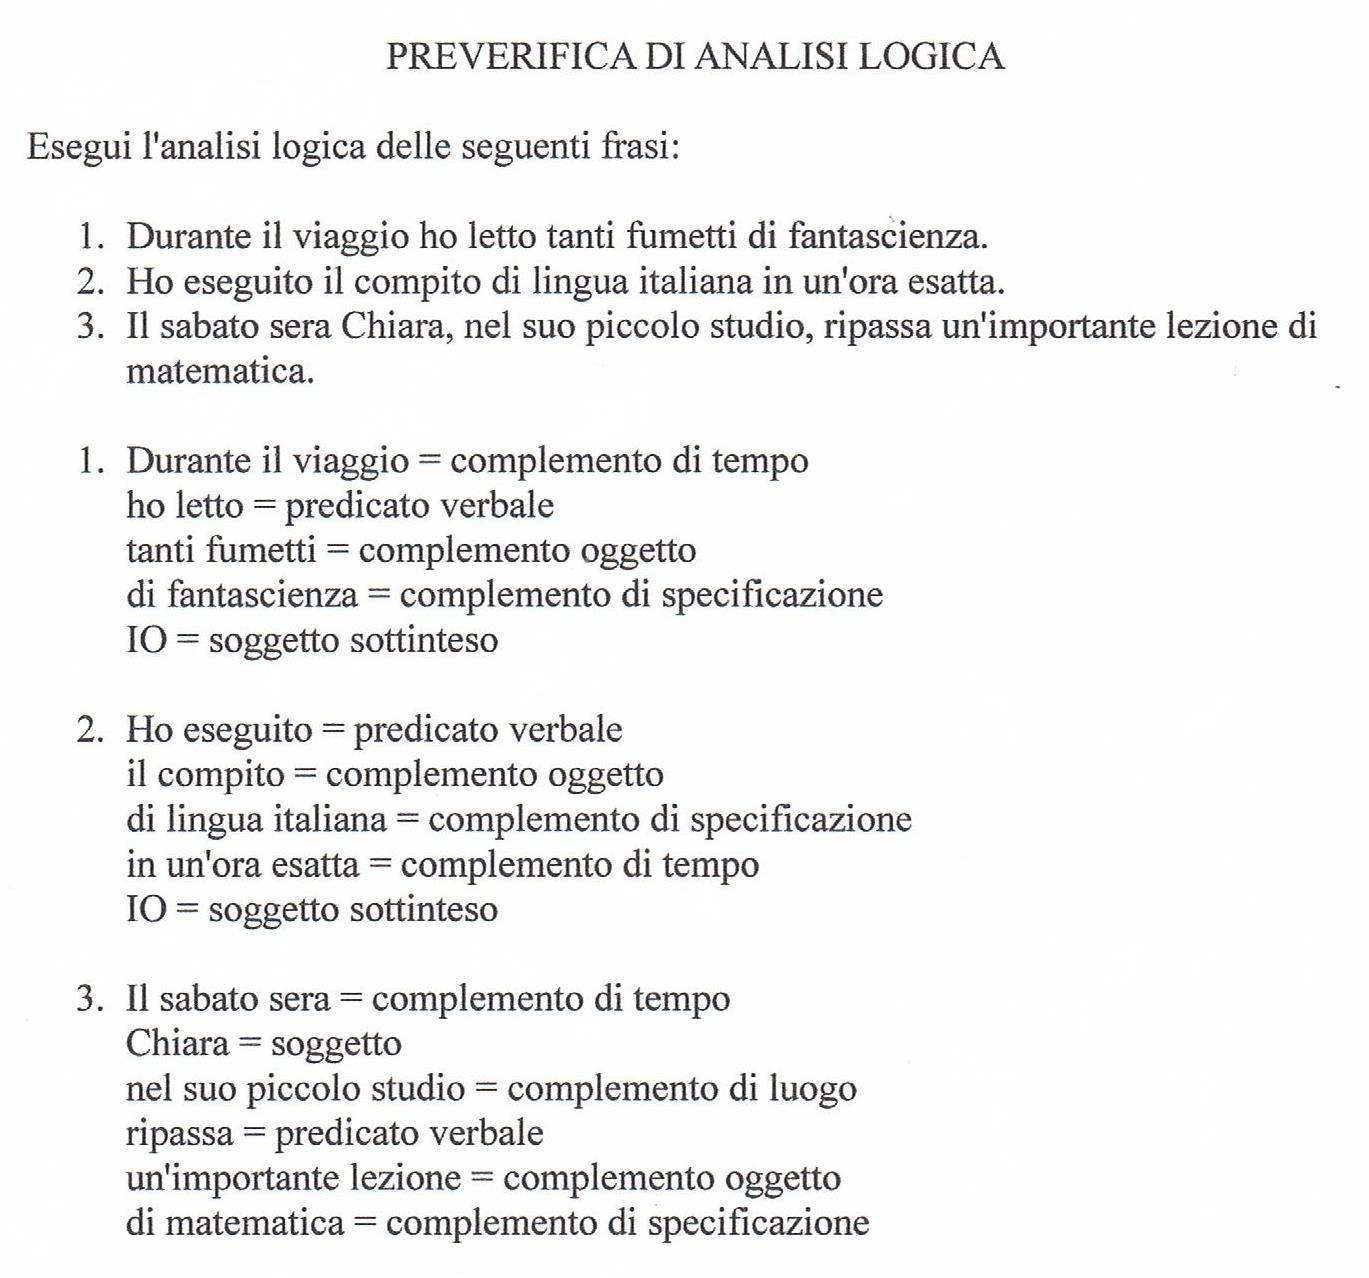 Istituzione educativa prescolastica municipale della 20esima lentiggine di Podolsk m r